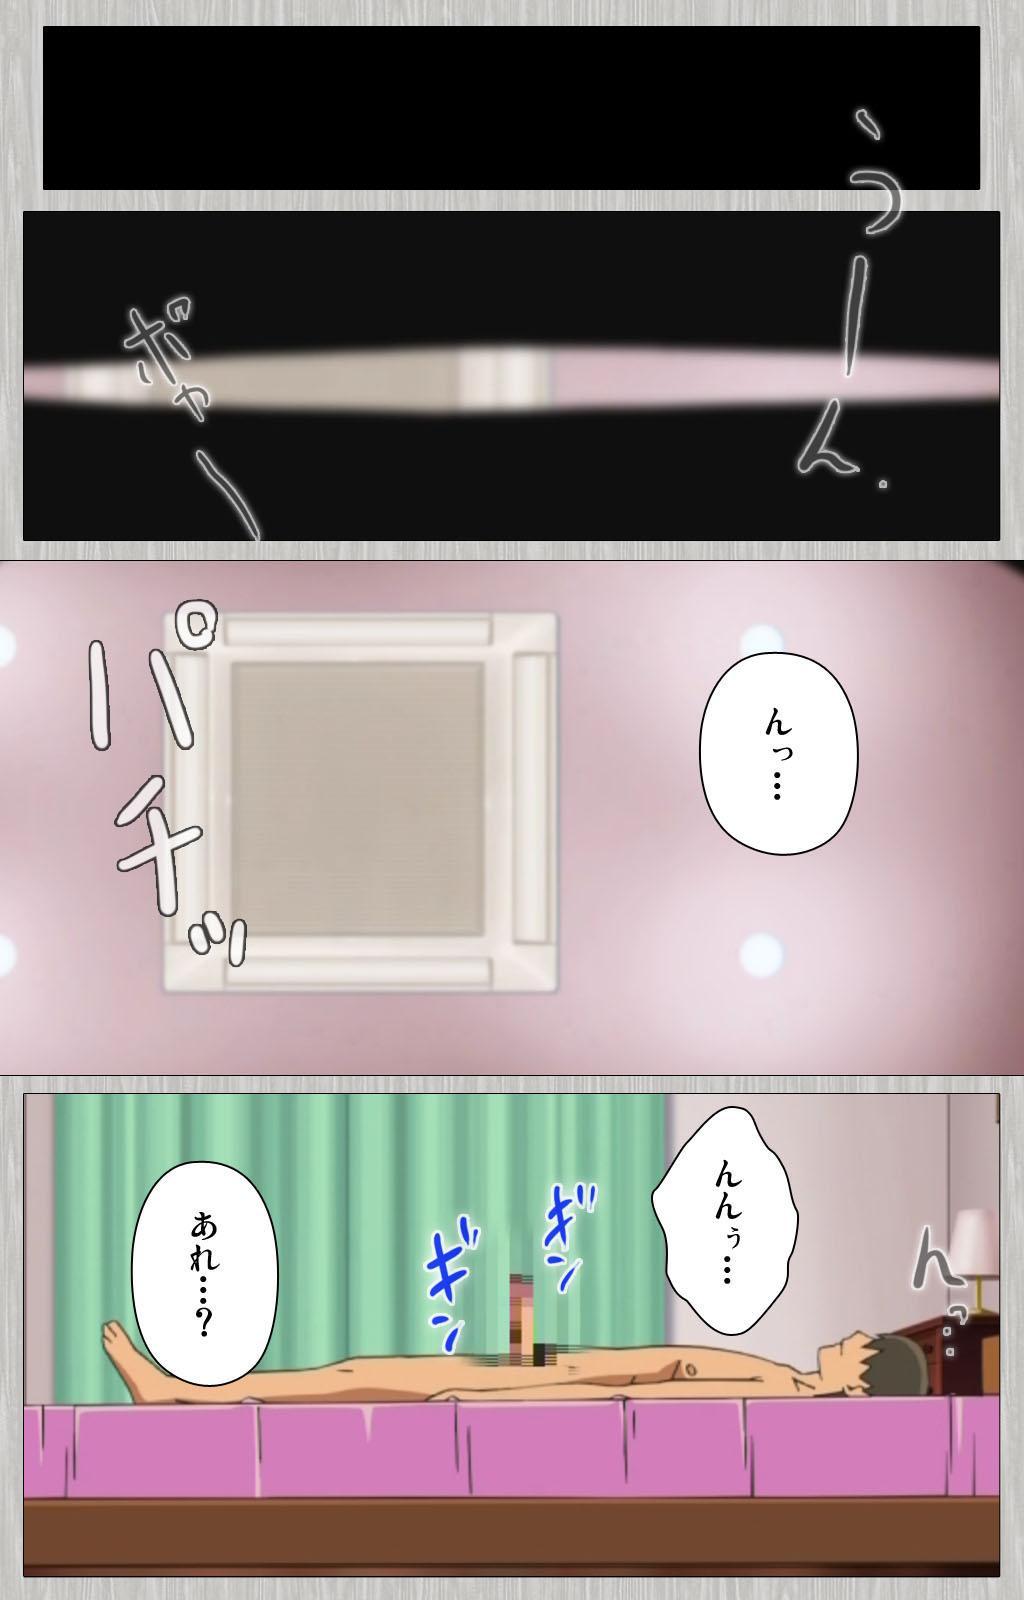 Tsuma no haha Sayuri Kanzenban 34